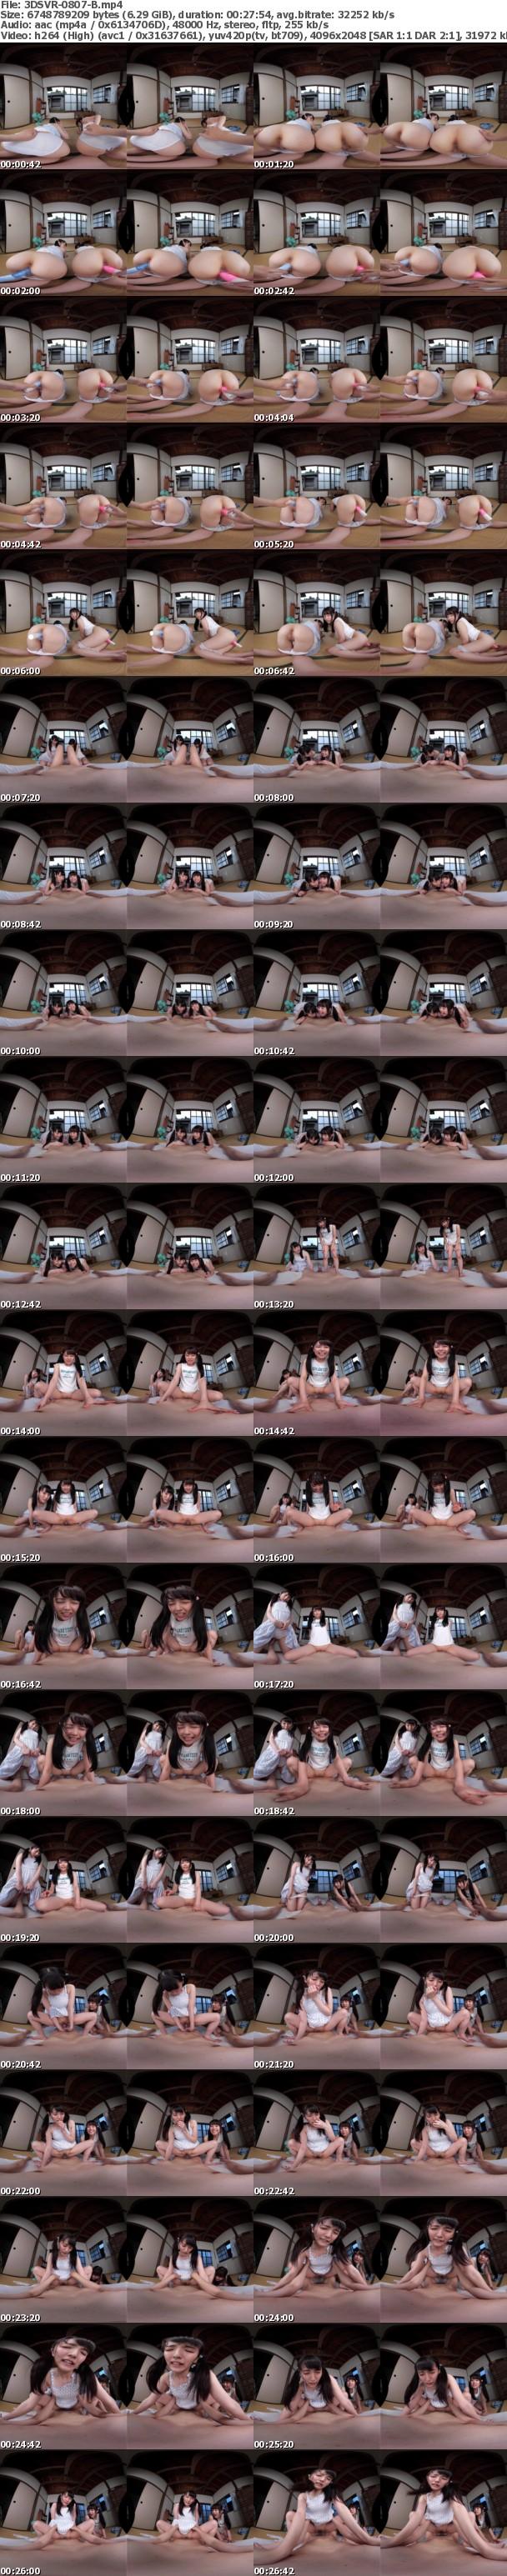 (VR) 3DSVR-0807 マセガキ娘とウブ娘。駄菓子屋の奥に仲良し2人組を連れ込んで、セミの声をかき消すほどに喘がせた3P!